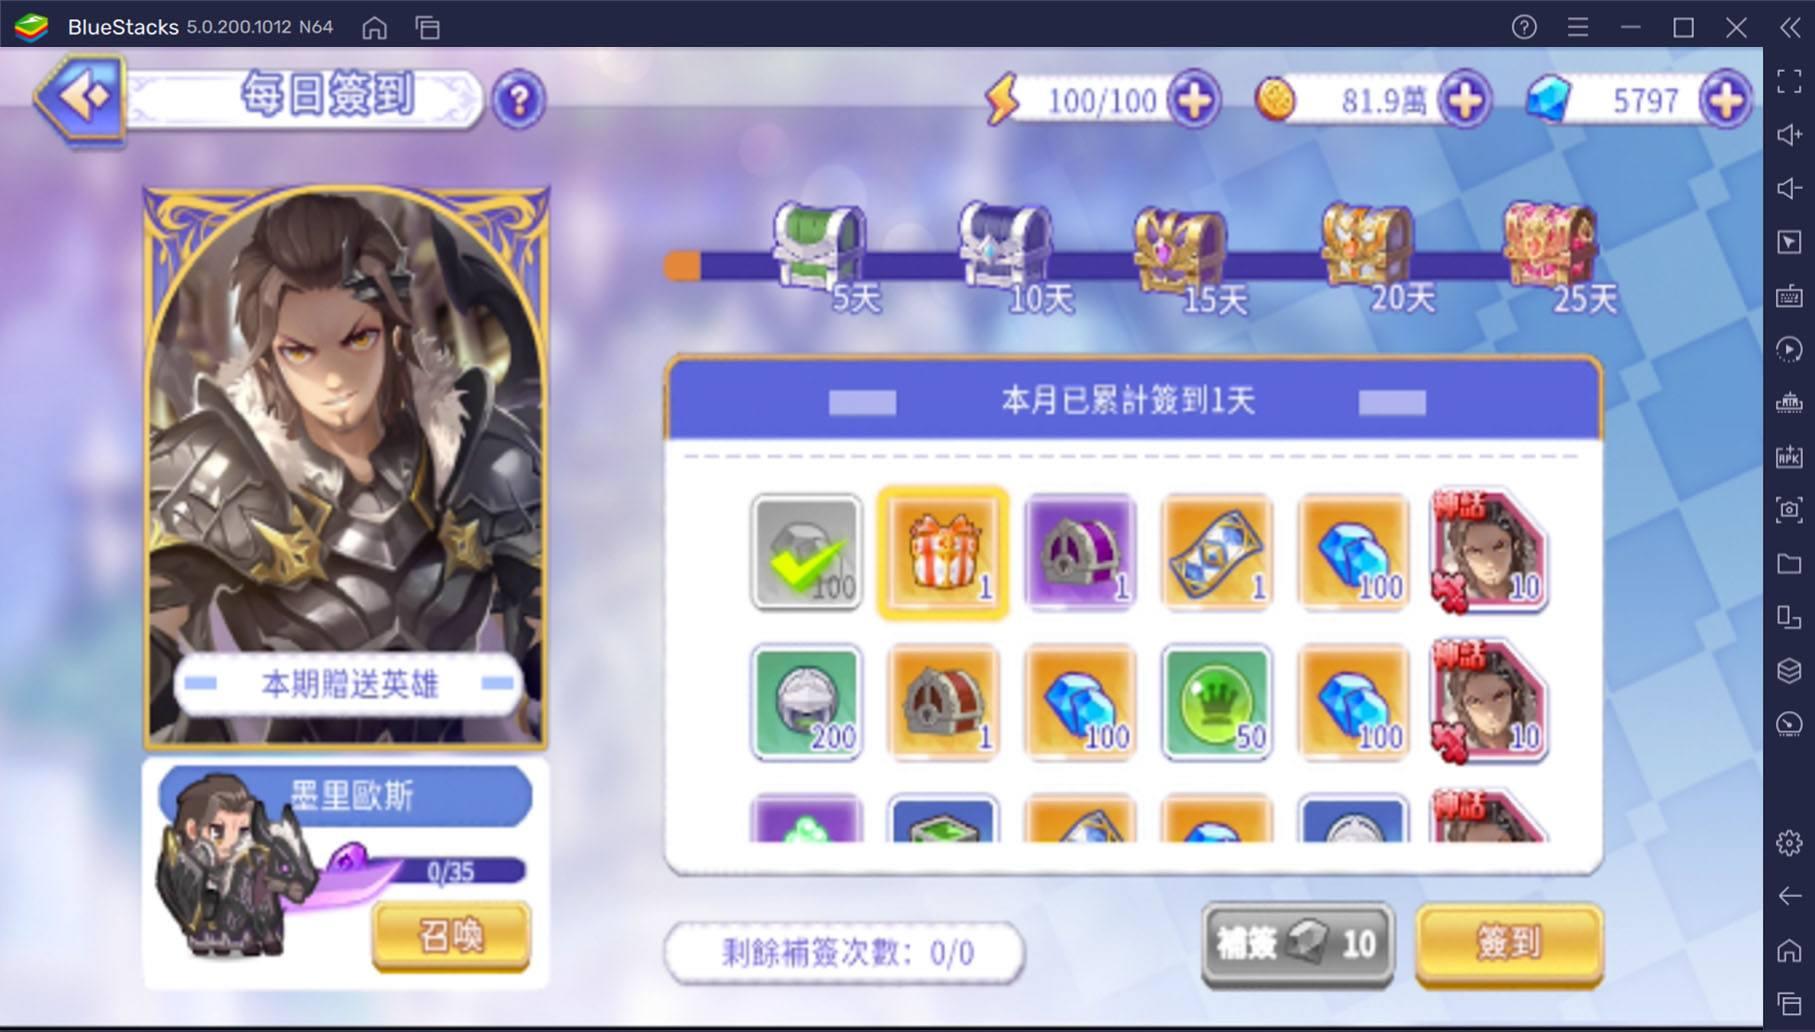 如何用BlueStacks在PC上玩日系卡牌策略手遊《光之同盟》